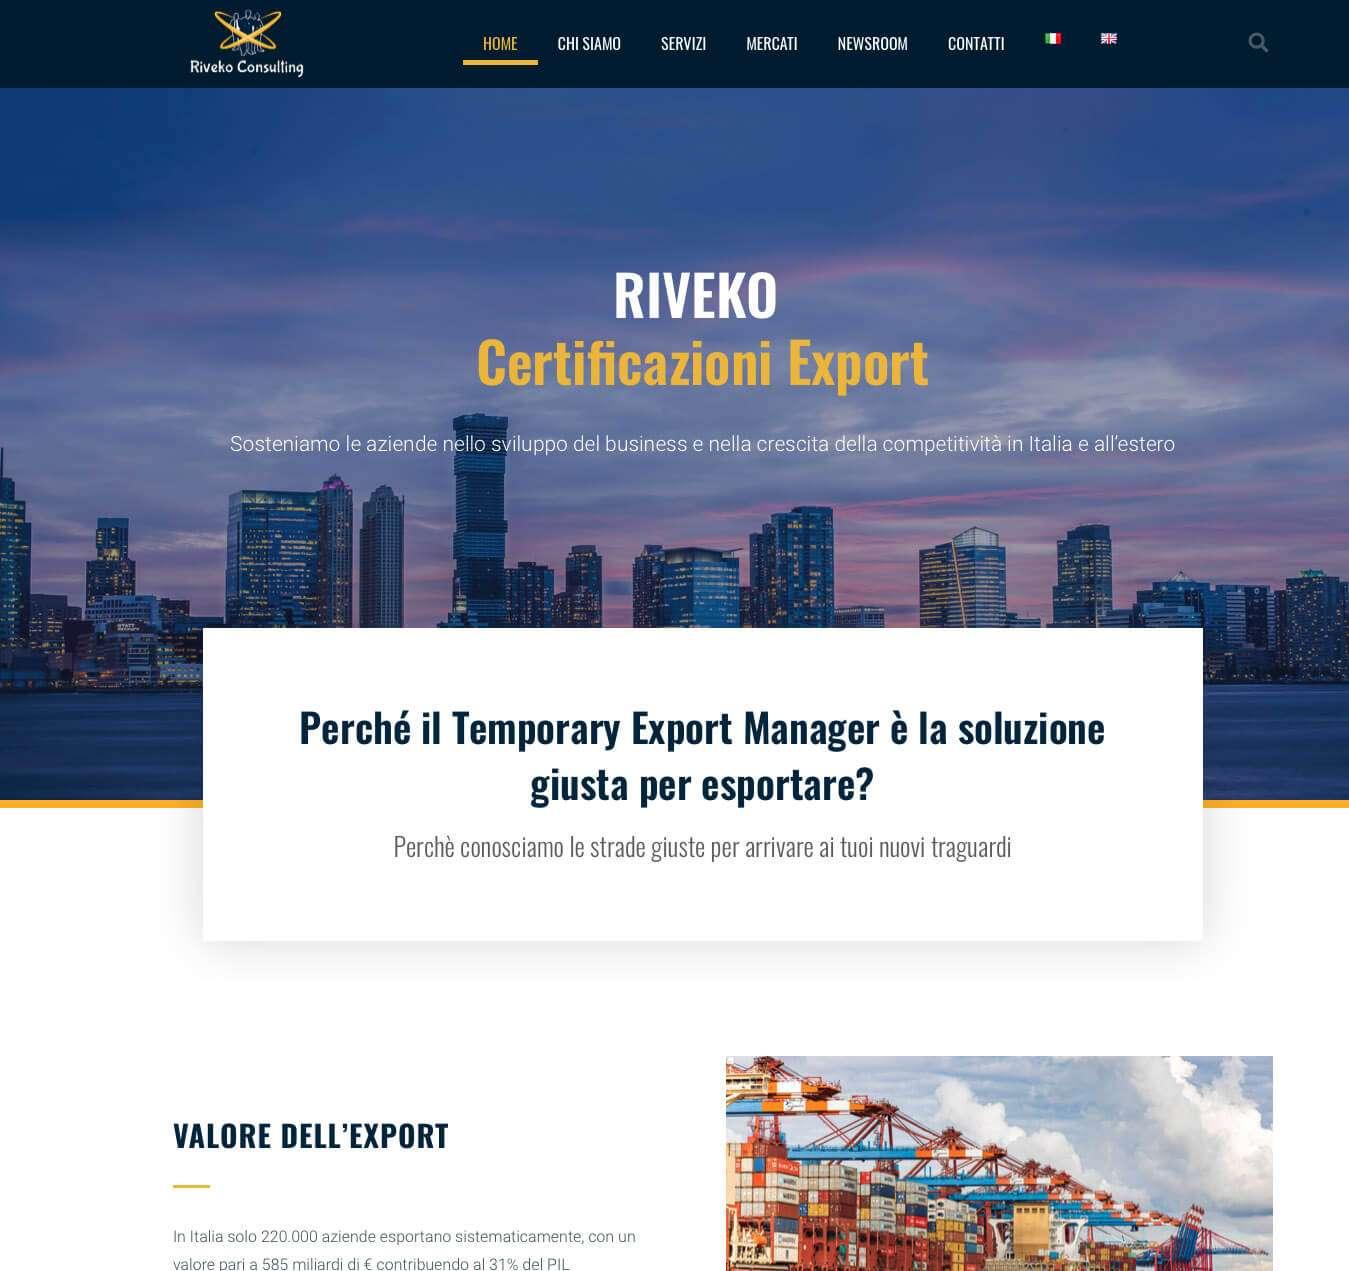 sito internet società consulenza internazionale Asti Riveko Essetre